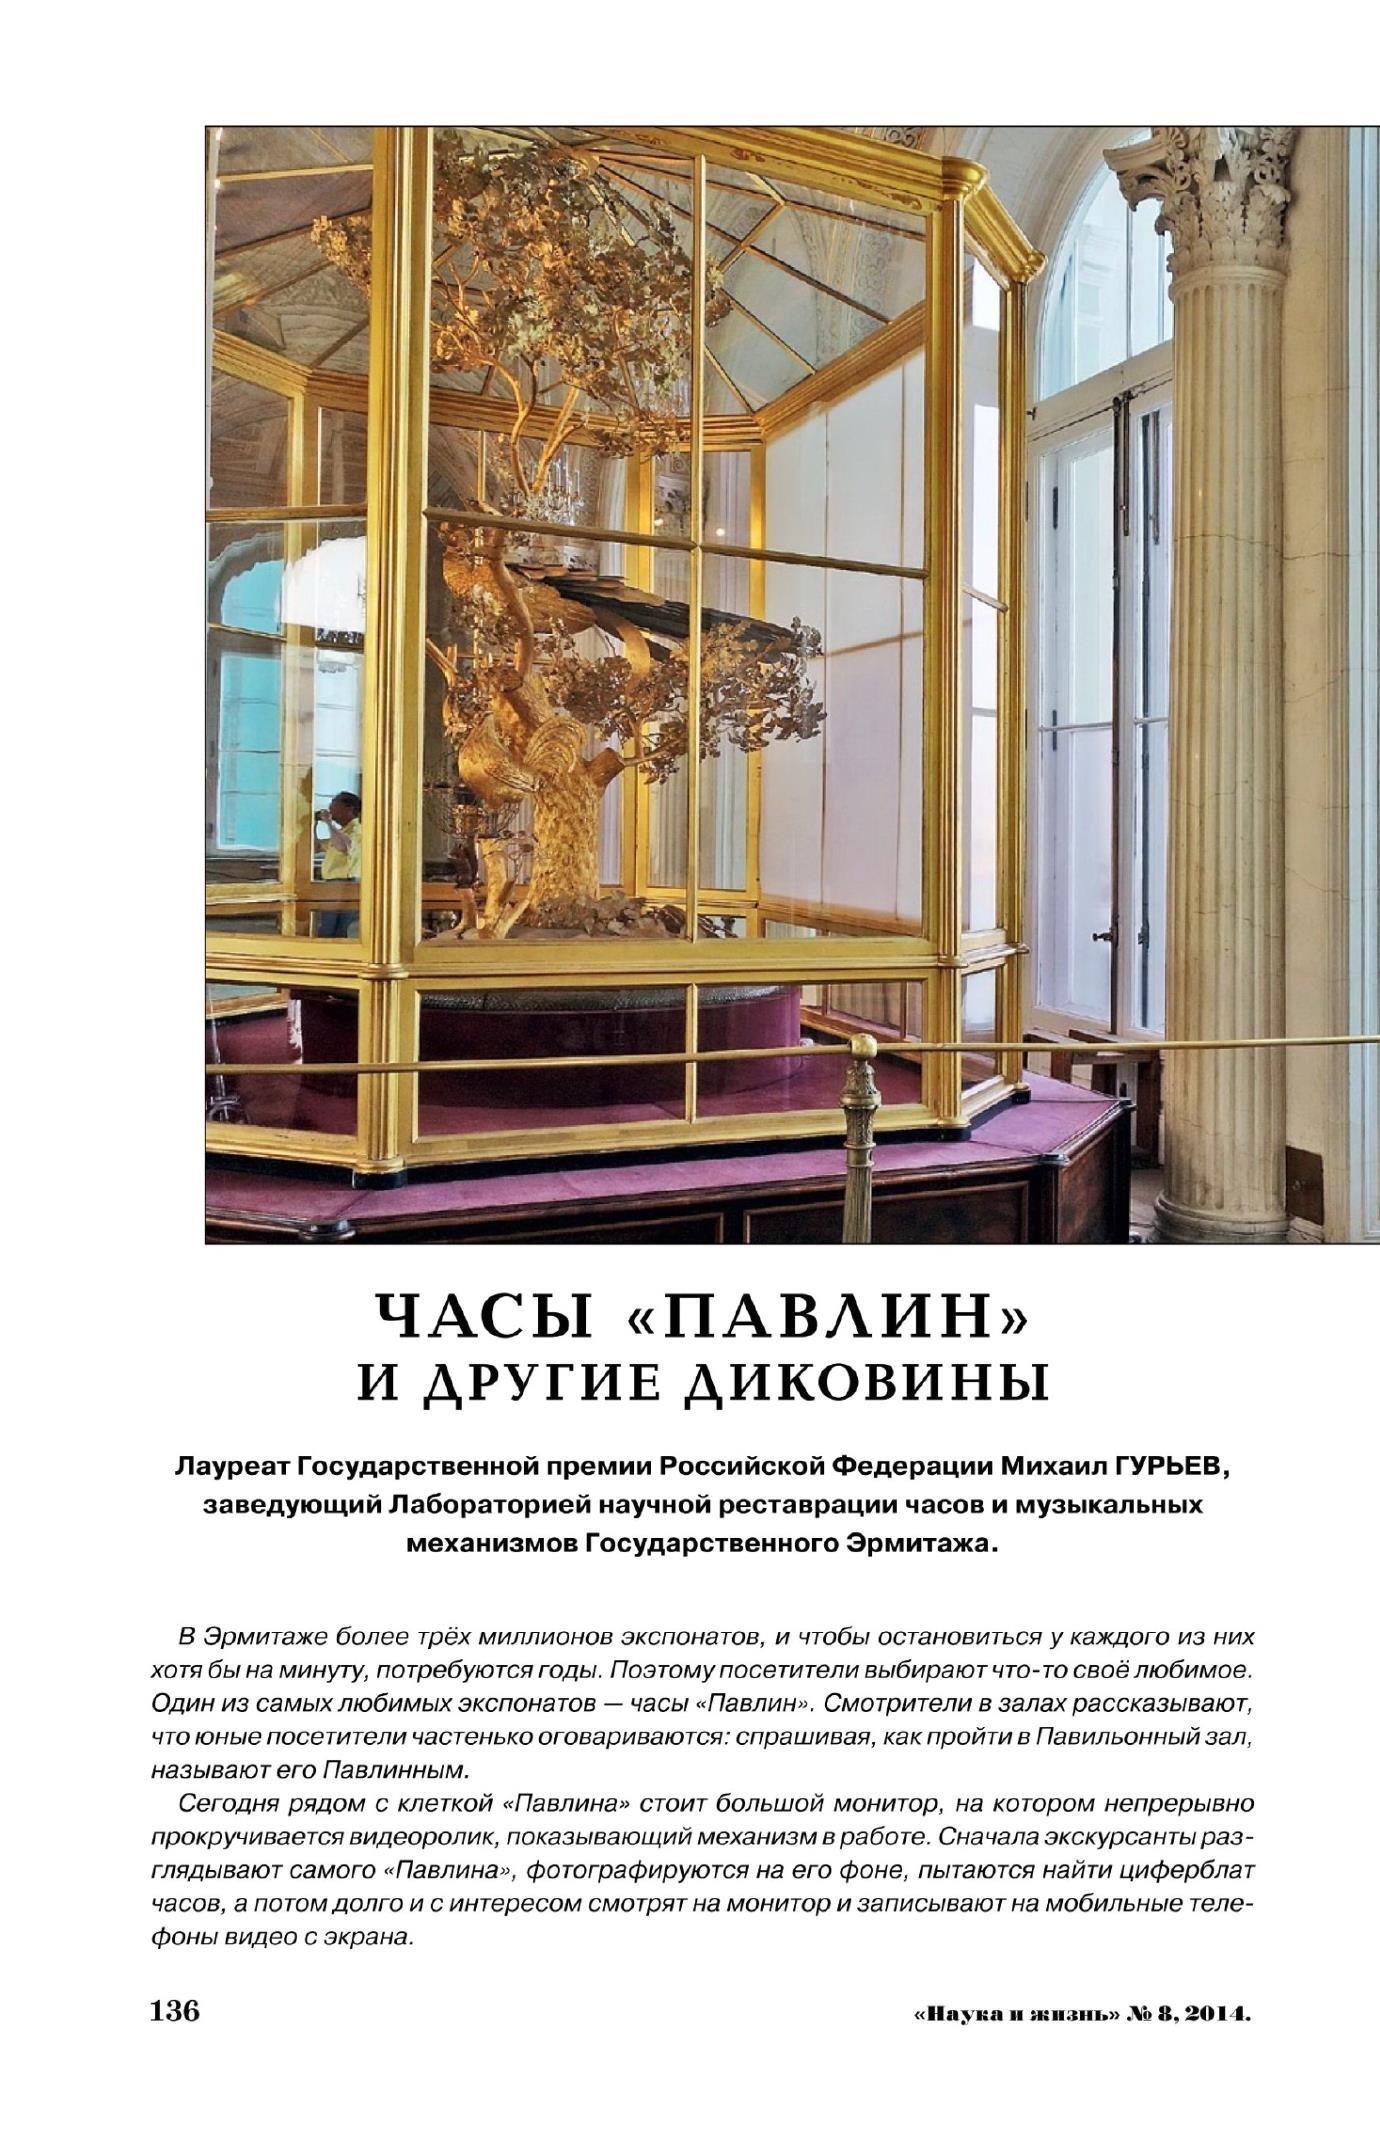 http://images.vfl.ru/ii/1407271111/3d698b5b/5909387.jpg